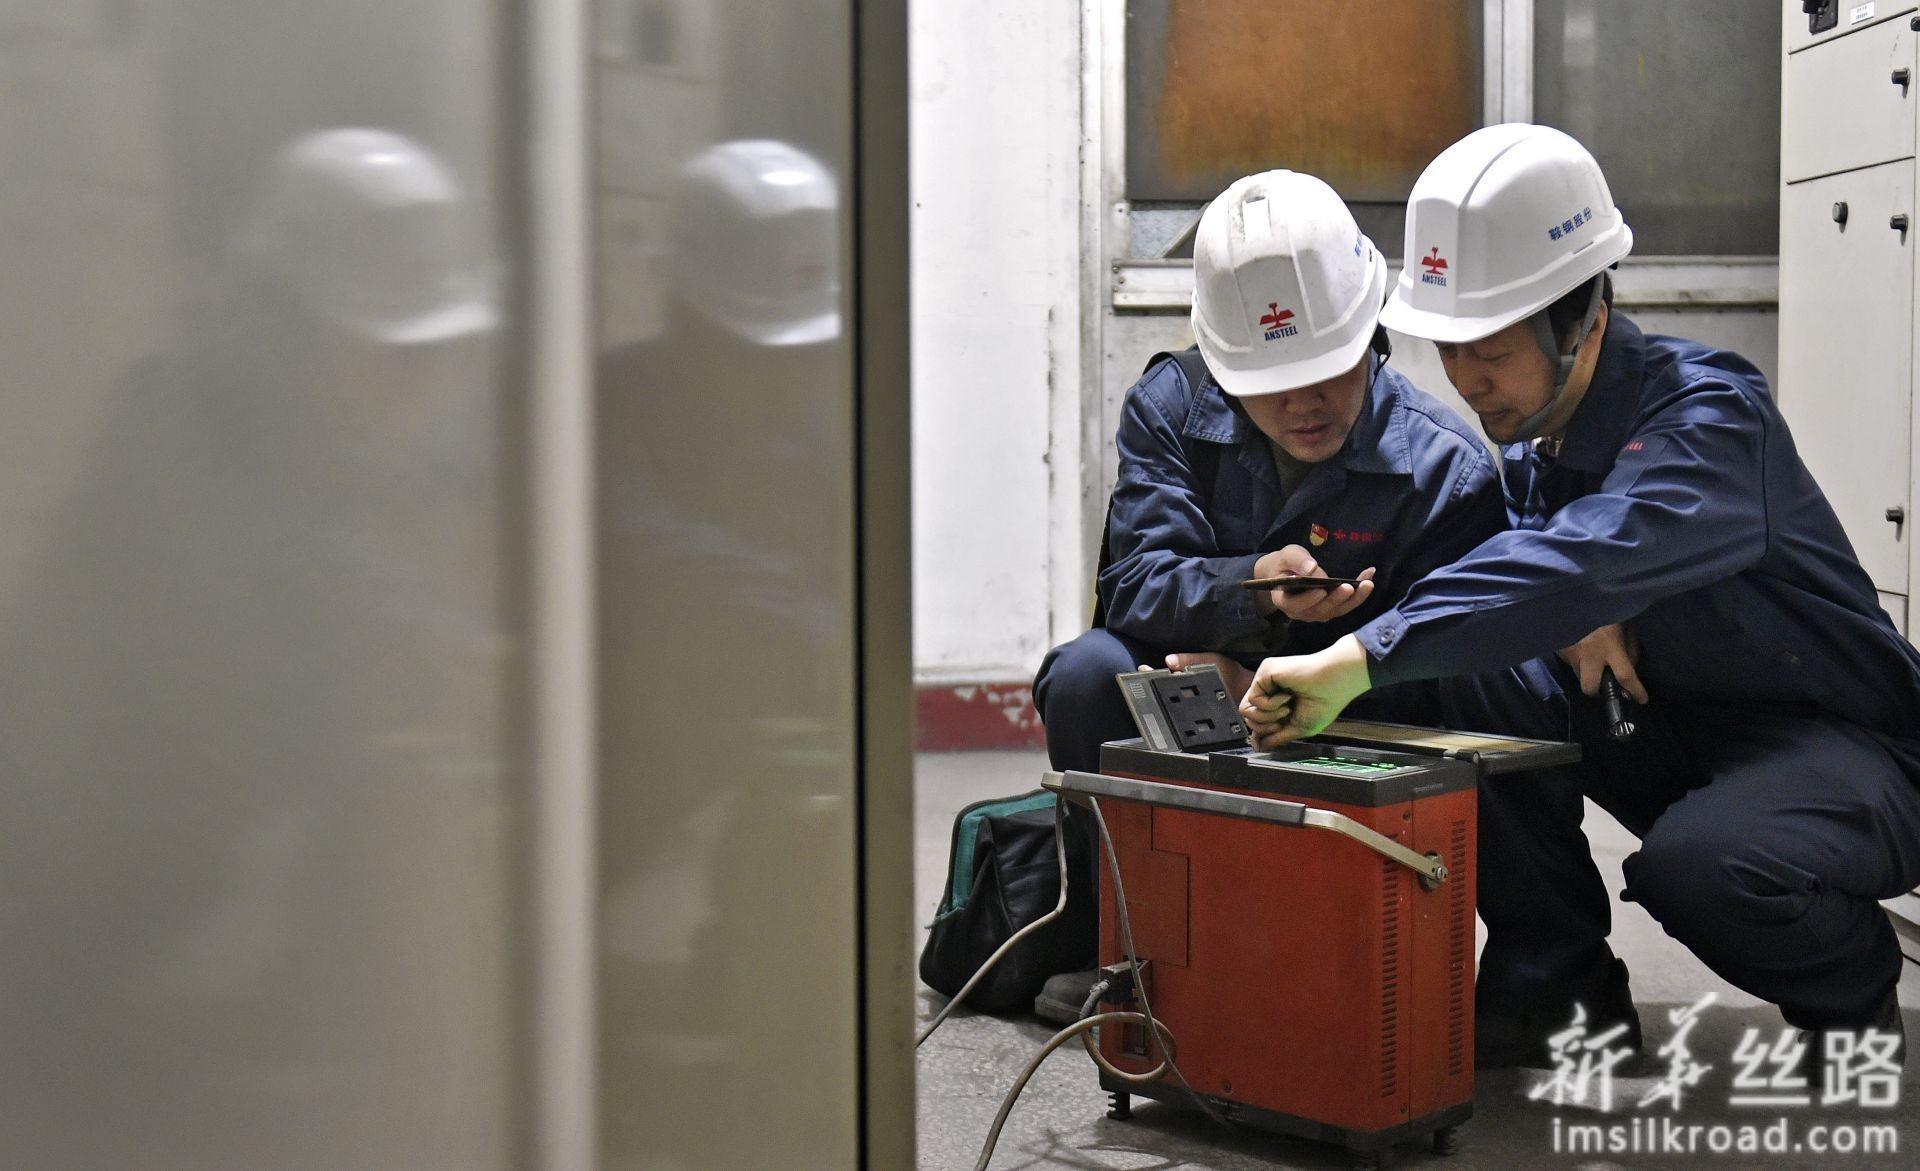 林学斌(右)和徒弟王喆在检查设备(4月29日摄)。新华社记者 姚剑锋 摄